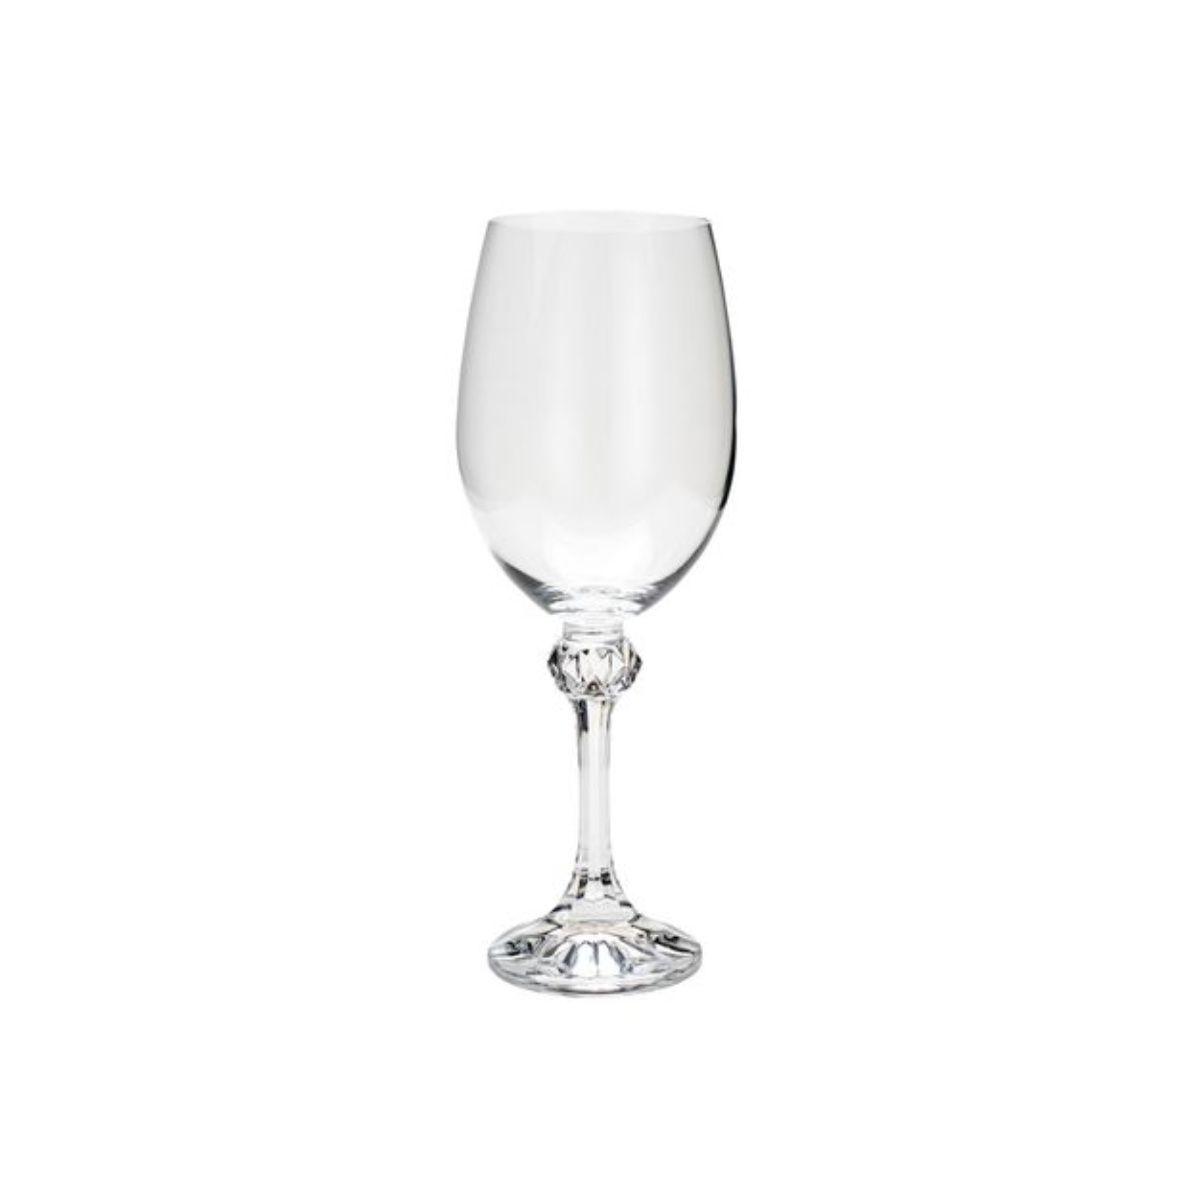 Jogo Taças de Cristal para Água - Bohemia Elisa 450ml (6 peças)